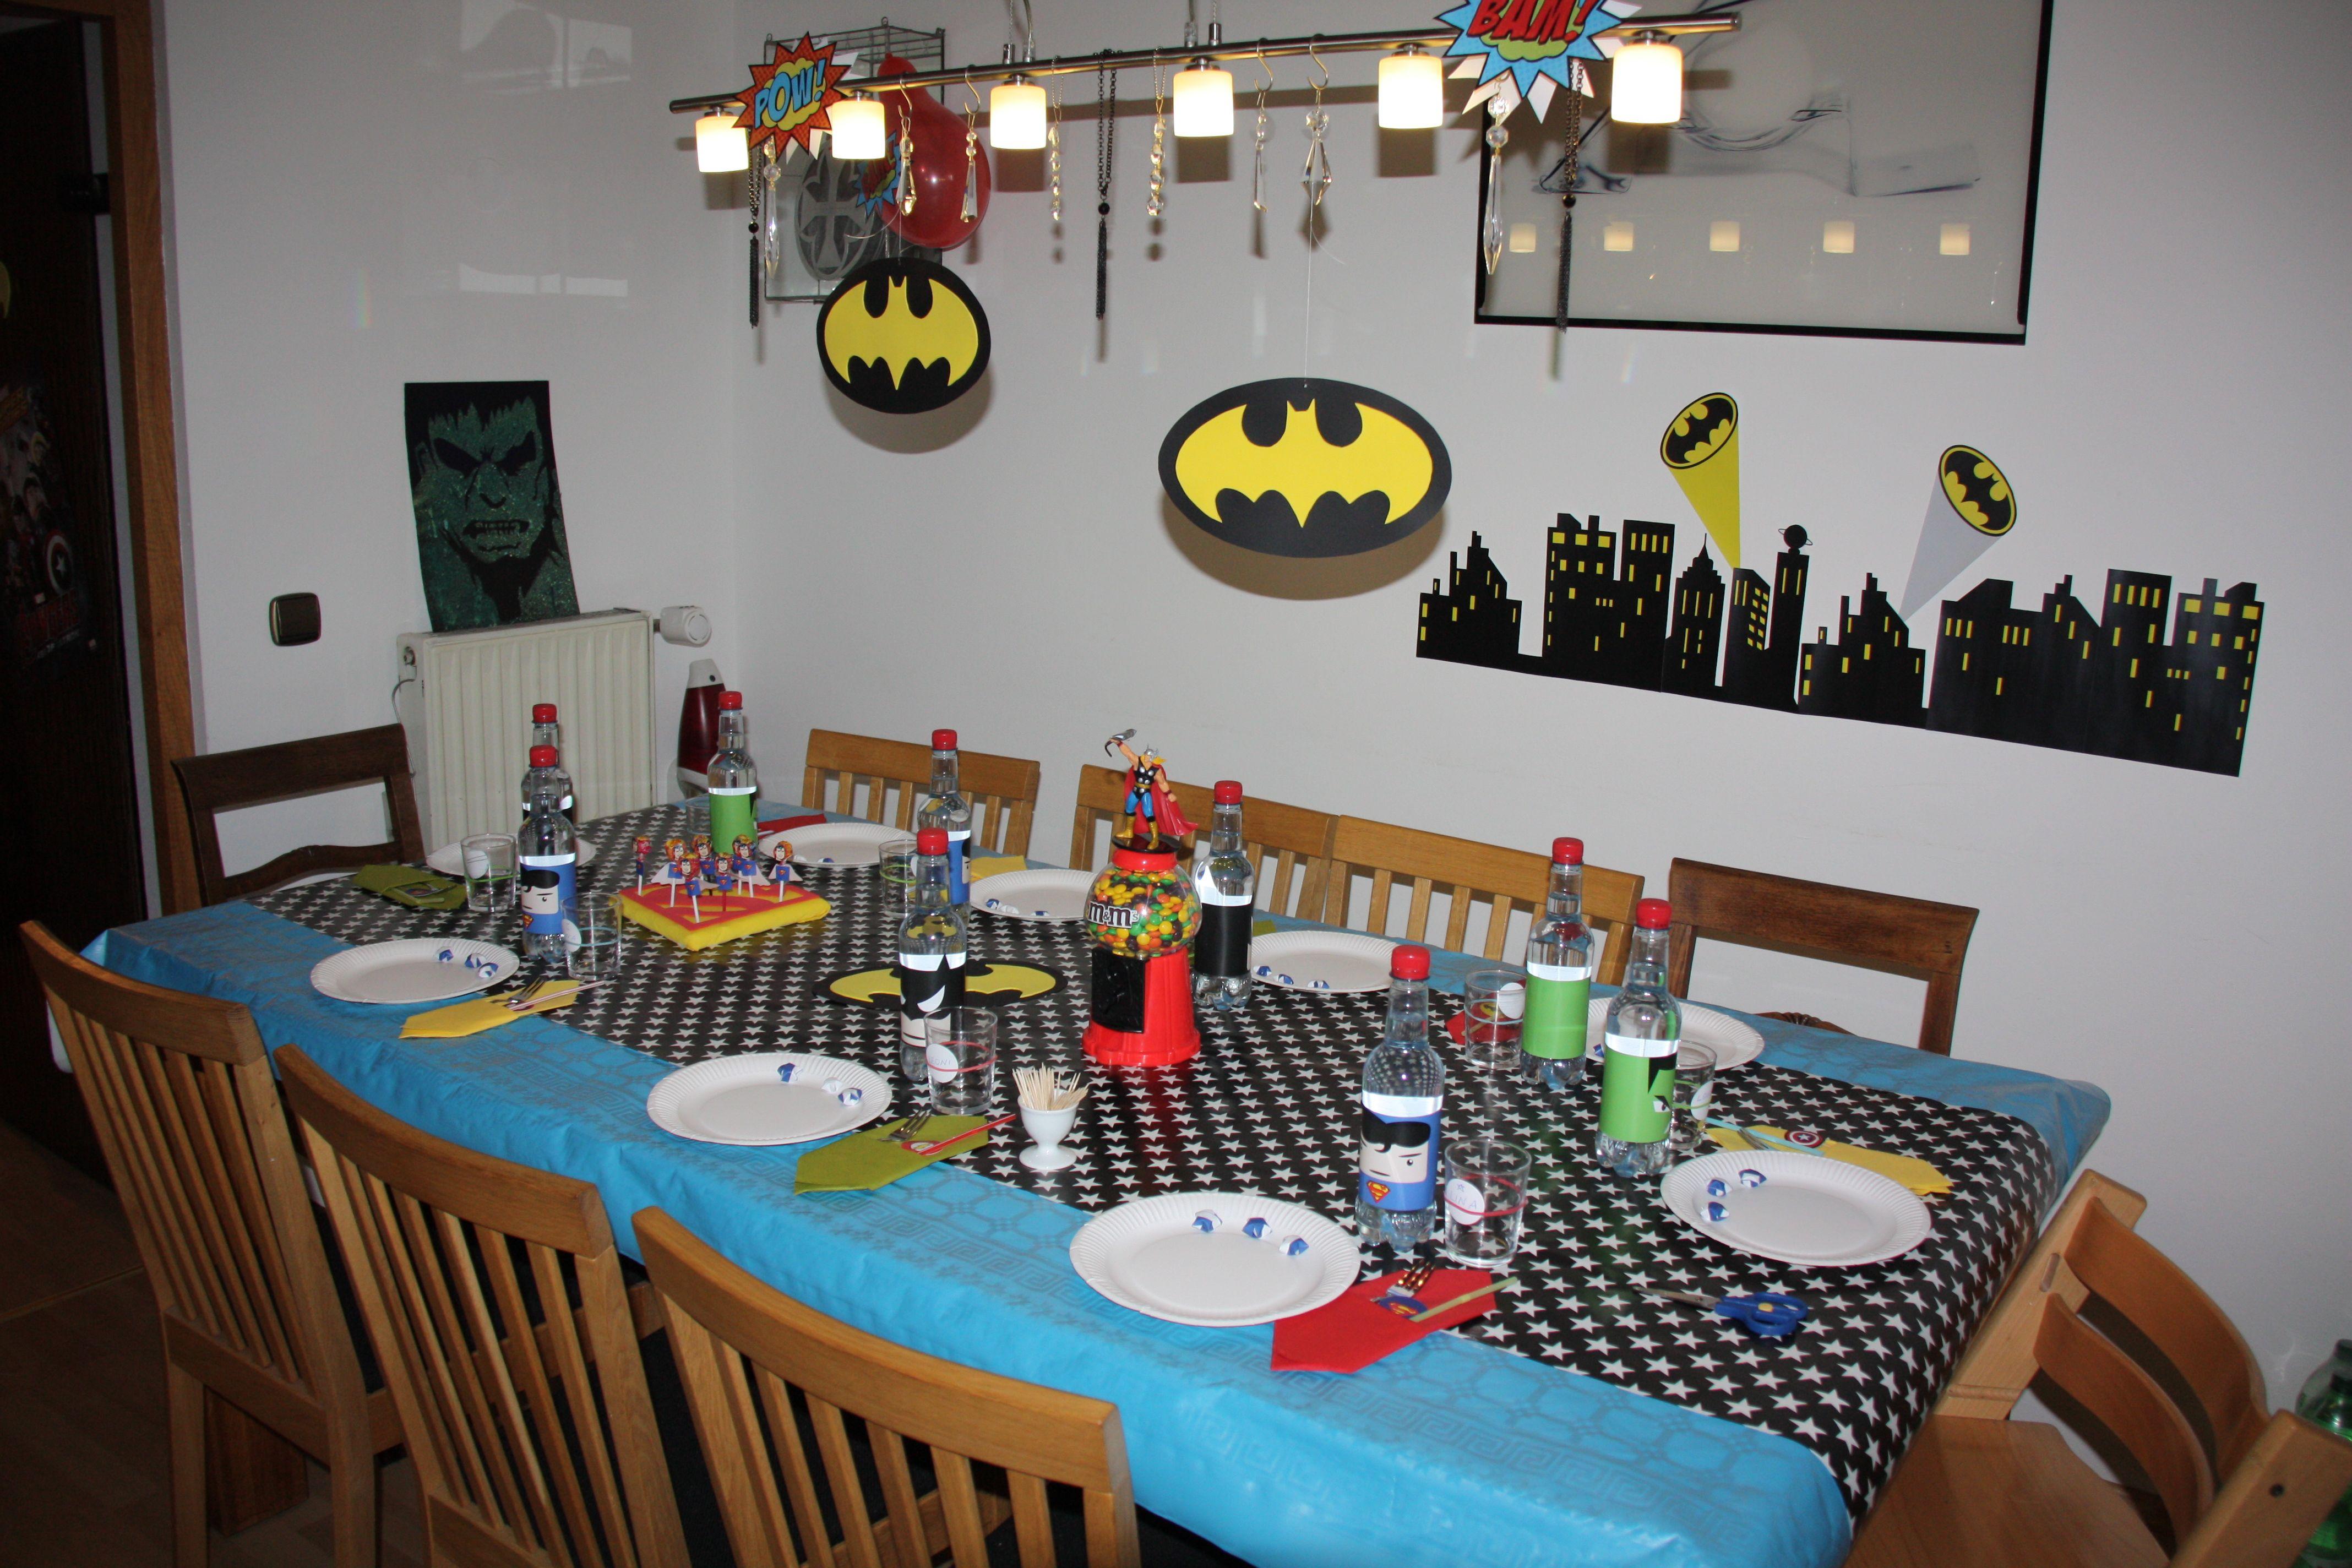 Wohnzimmertisch Deko ~ Tisch deko louis superhero party superhero party